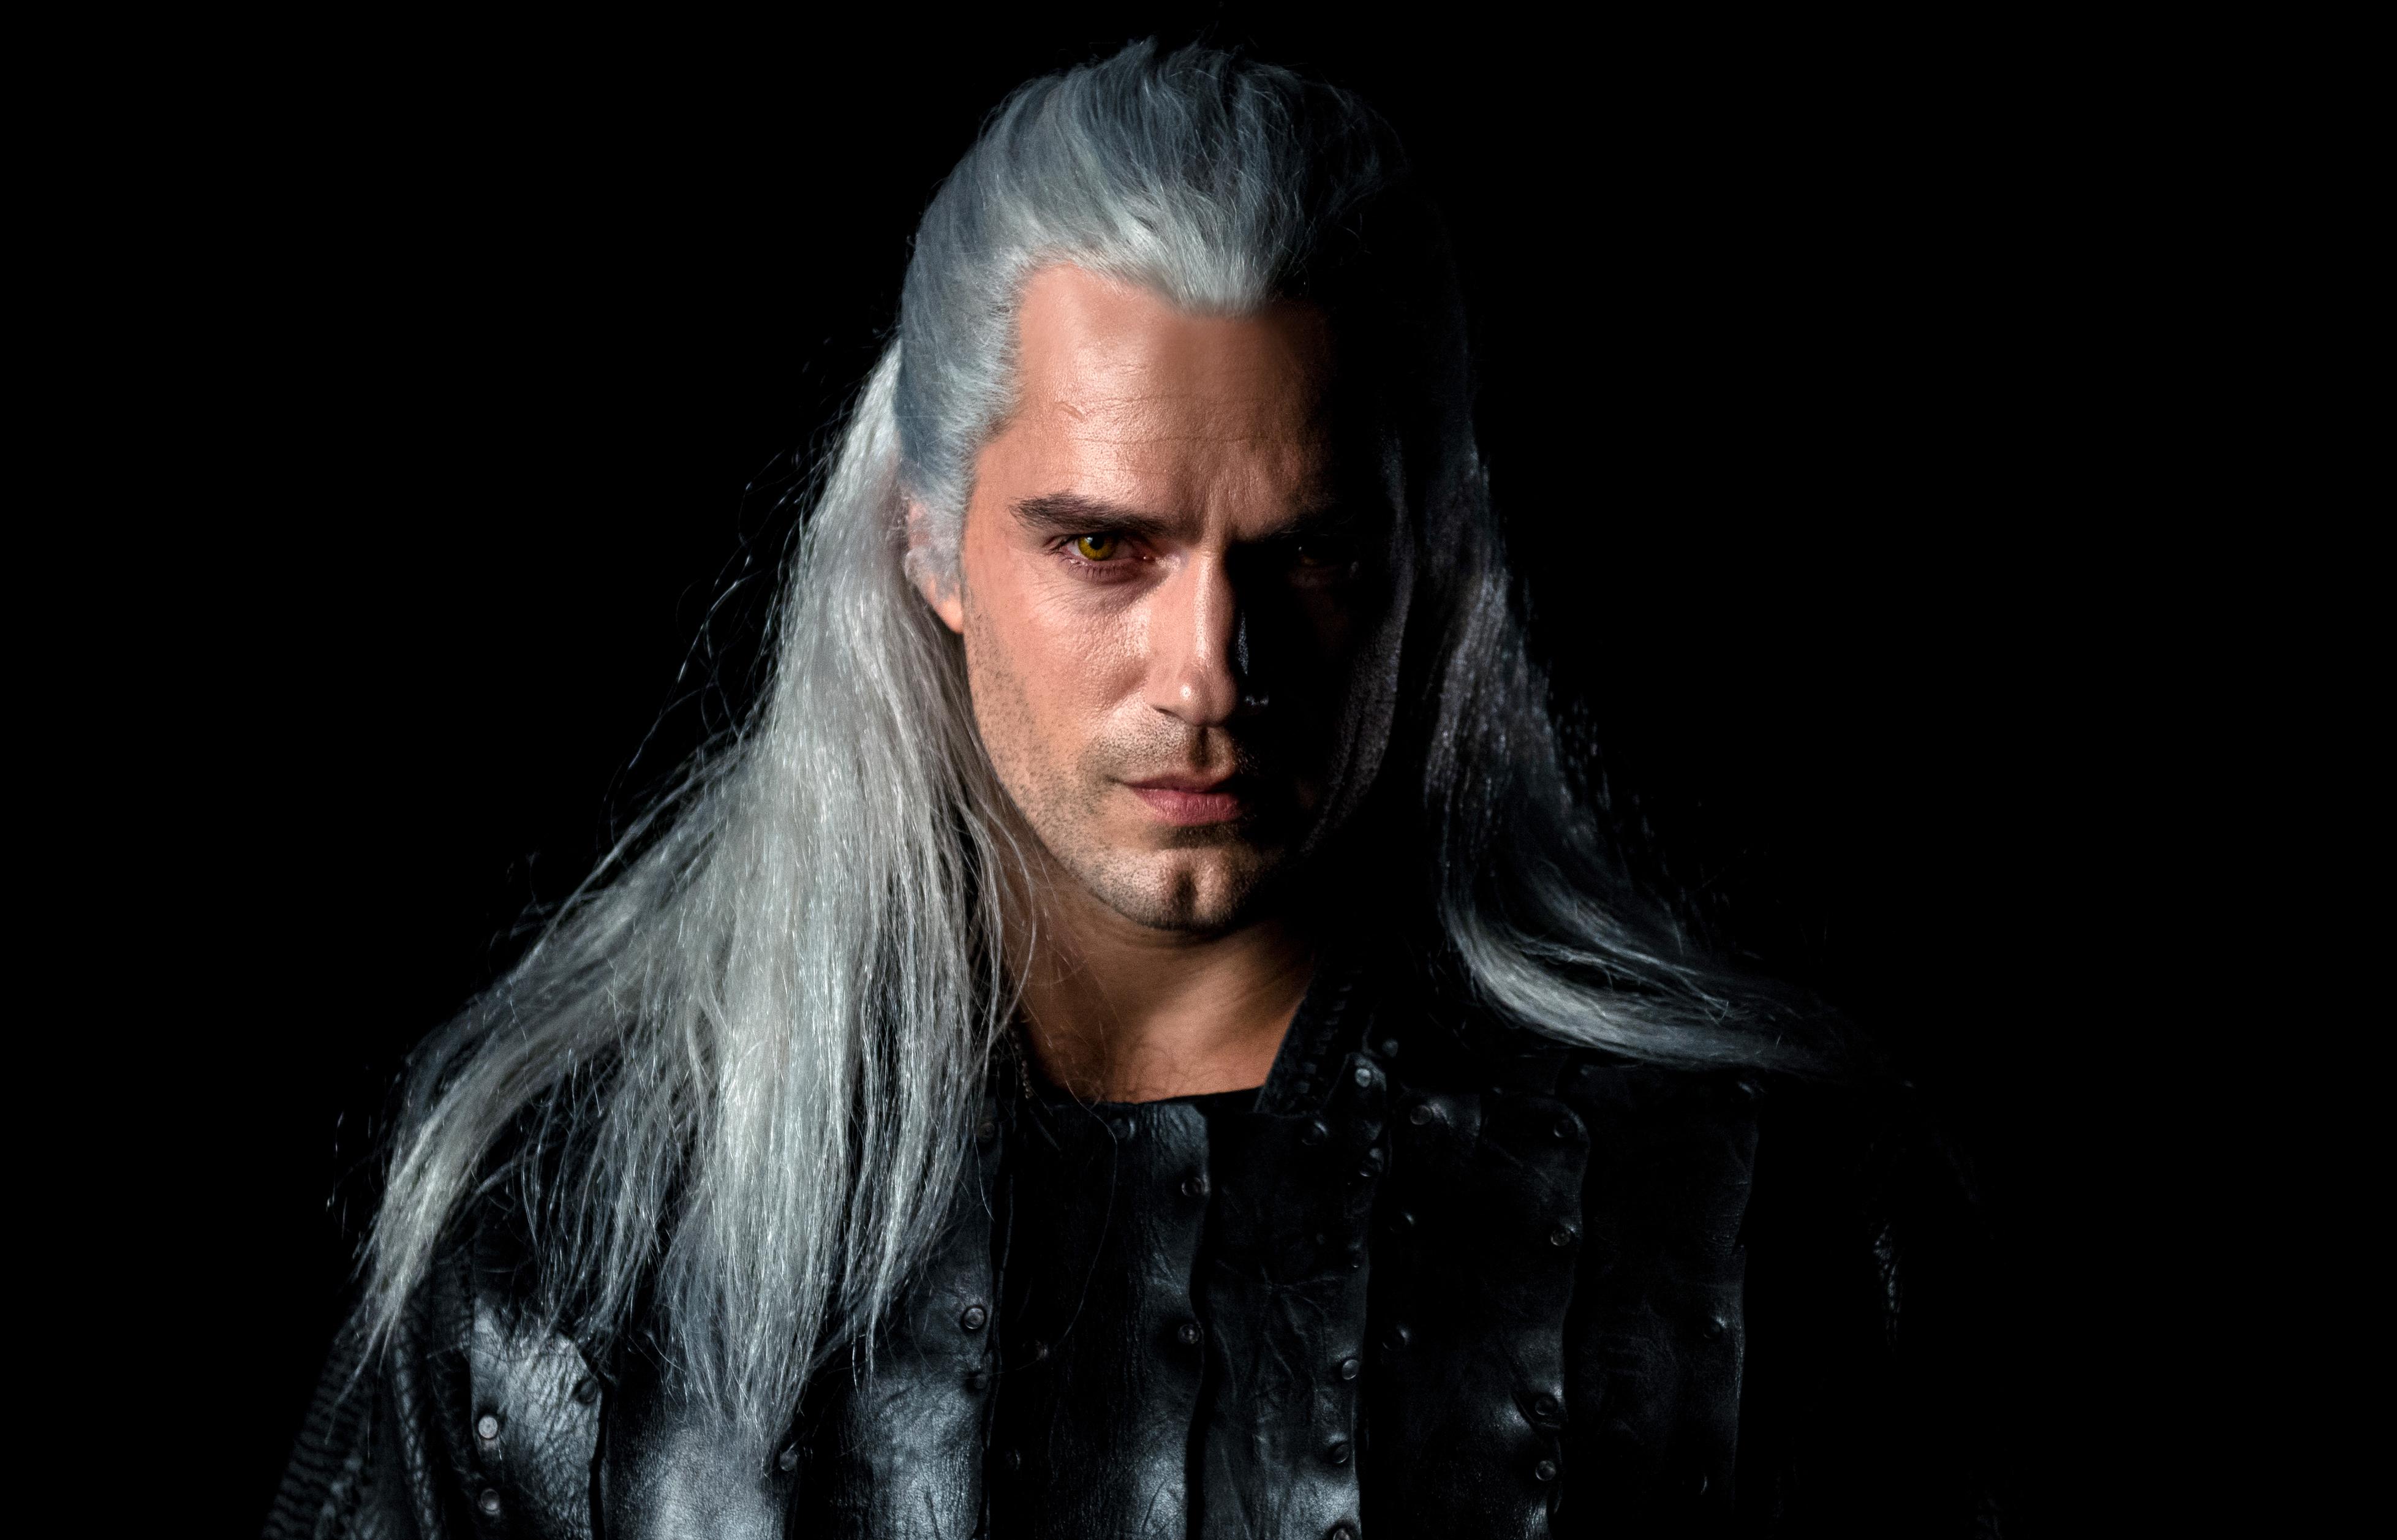 Henry Cavill As Geralt The Witcher Netflix Wallpaper Hd Tv